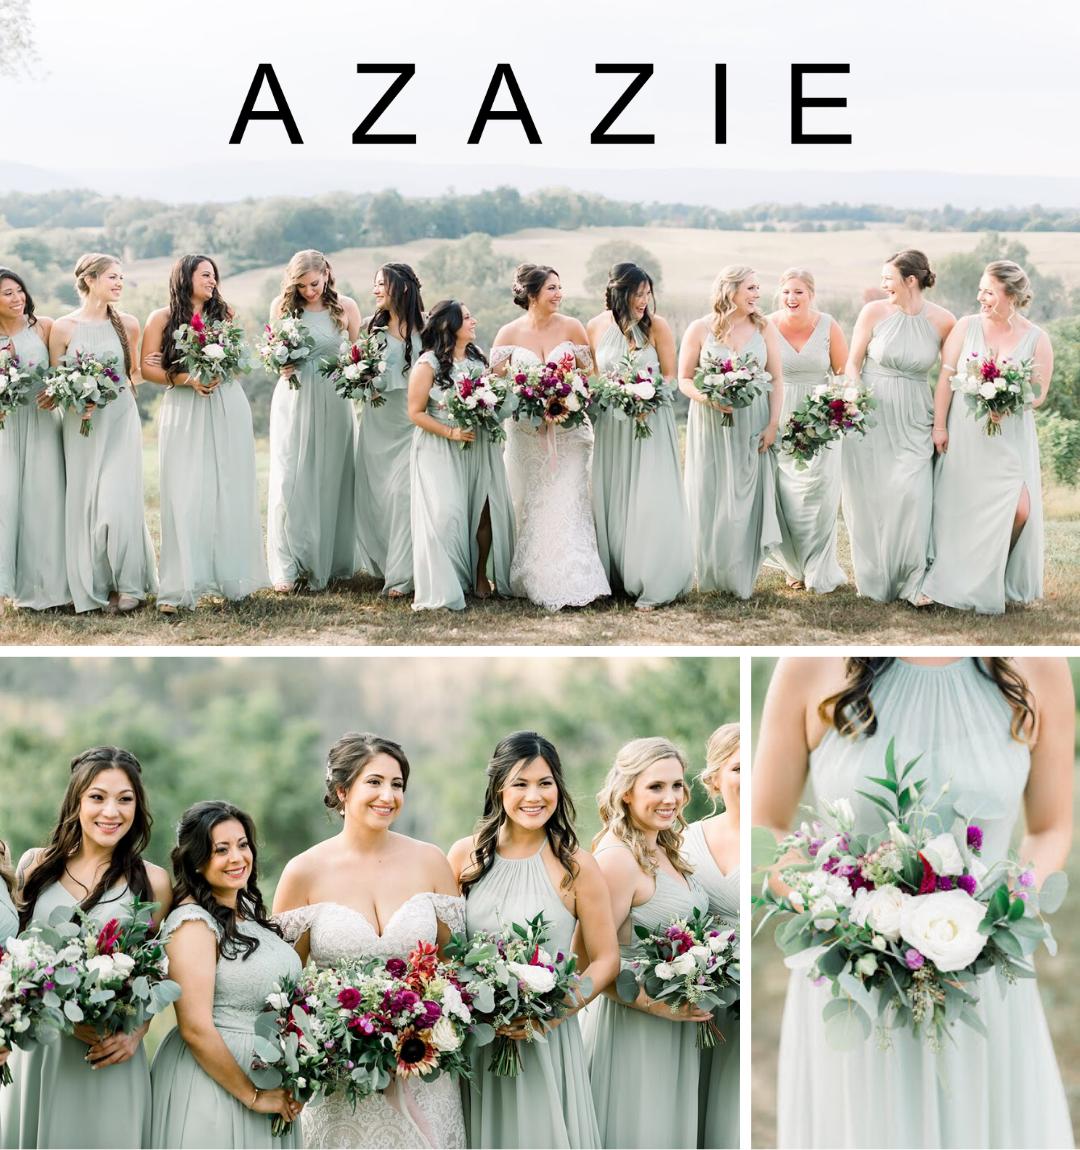 Azazie Dusty Sage Bridesmaids Dresses Bridesmaid Dresses Dusty Sage Sage Bridesmaid Dresses Wedding Color Inspiration